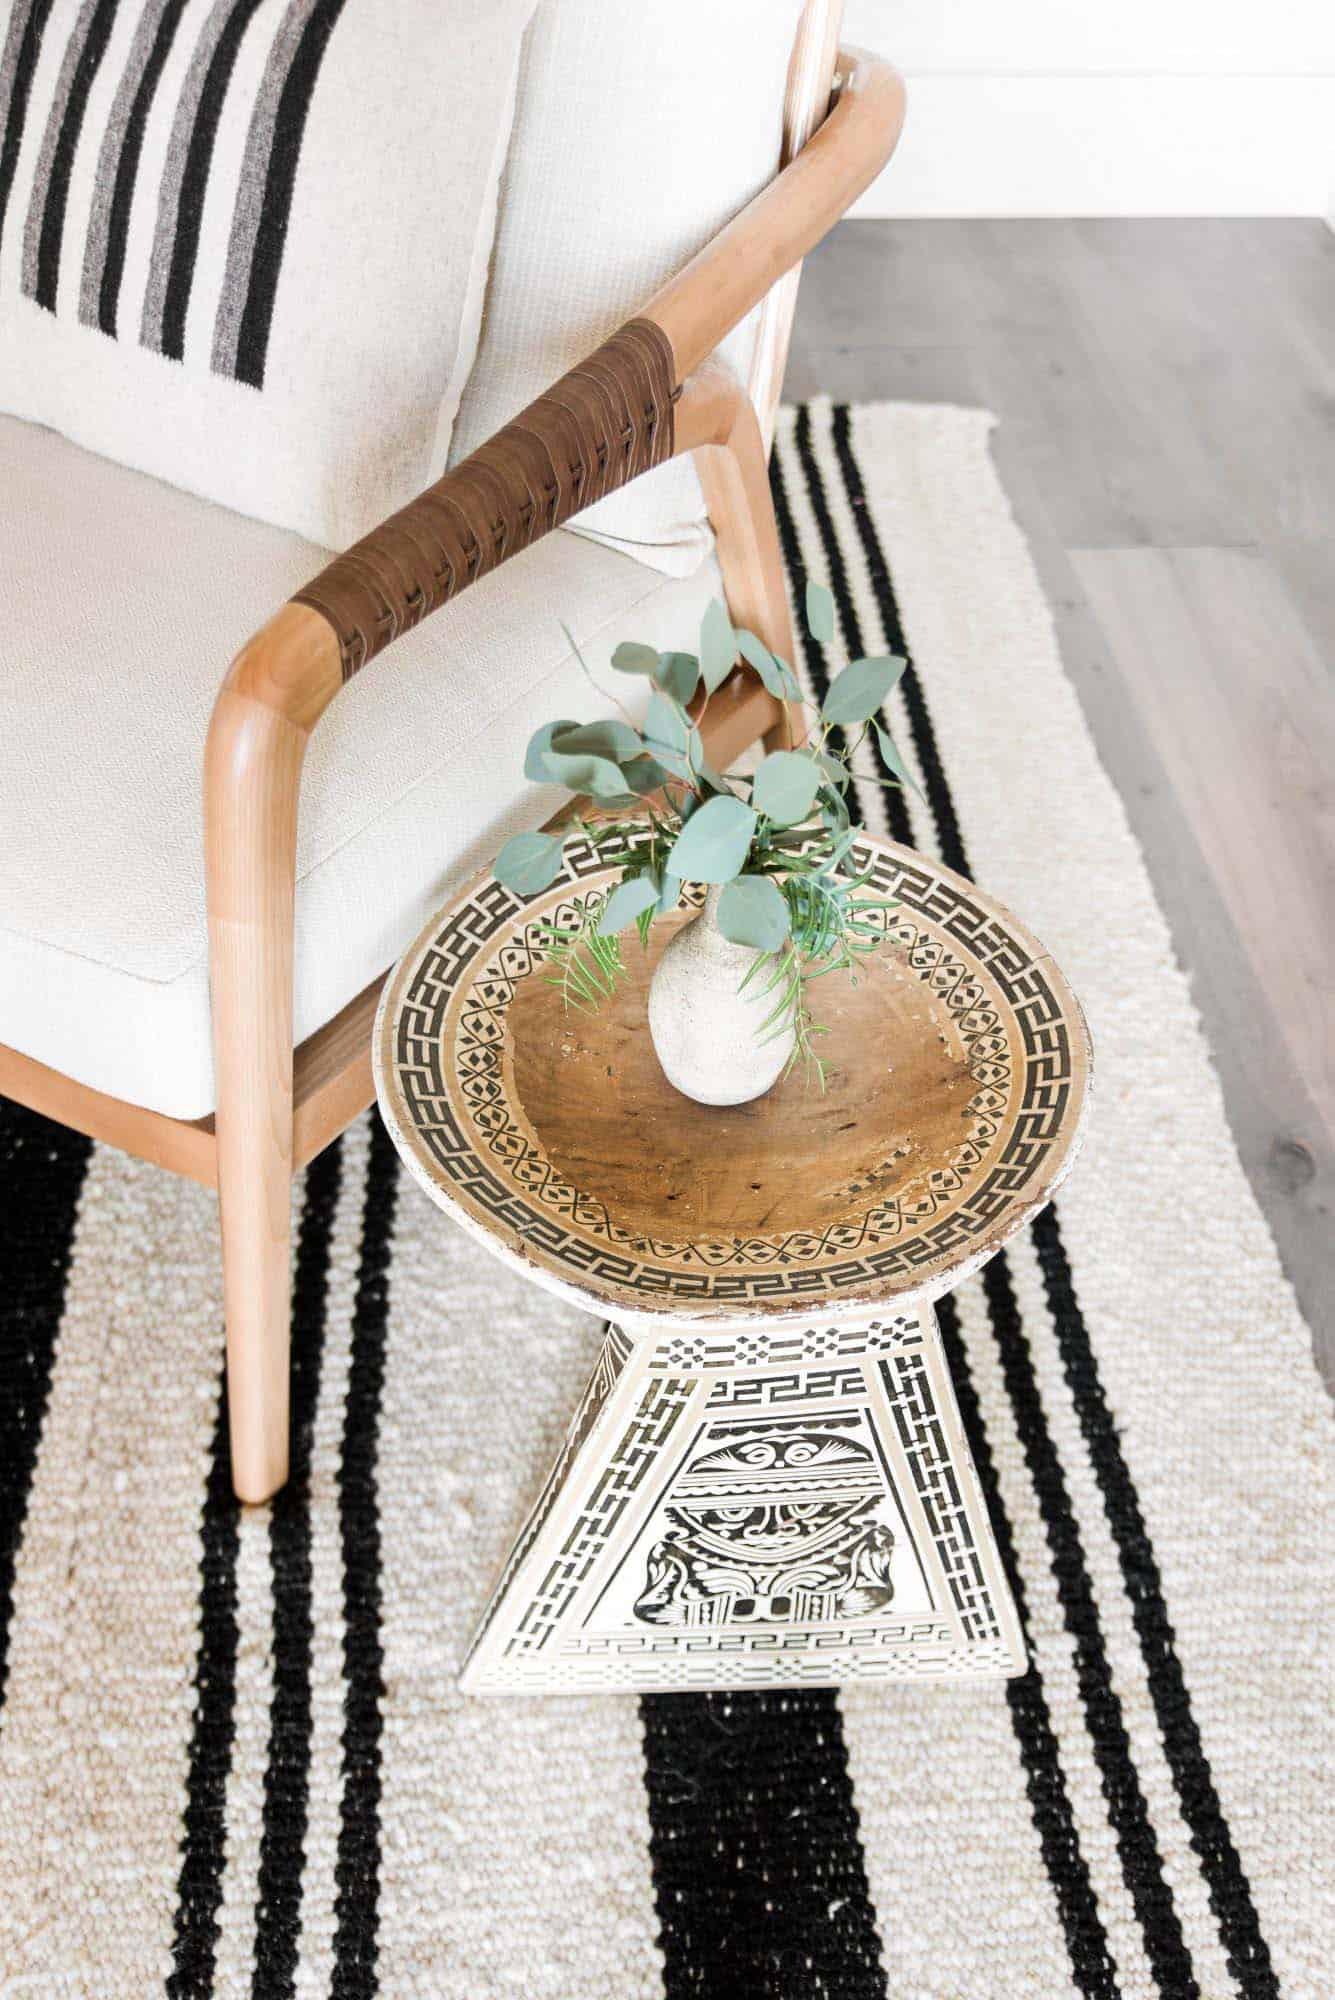 beach style chair detail